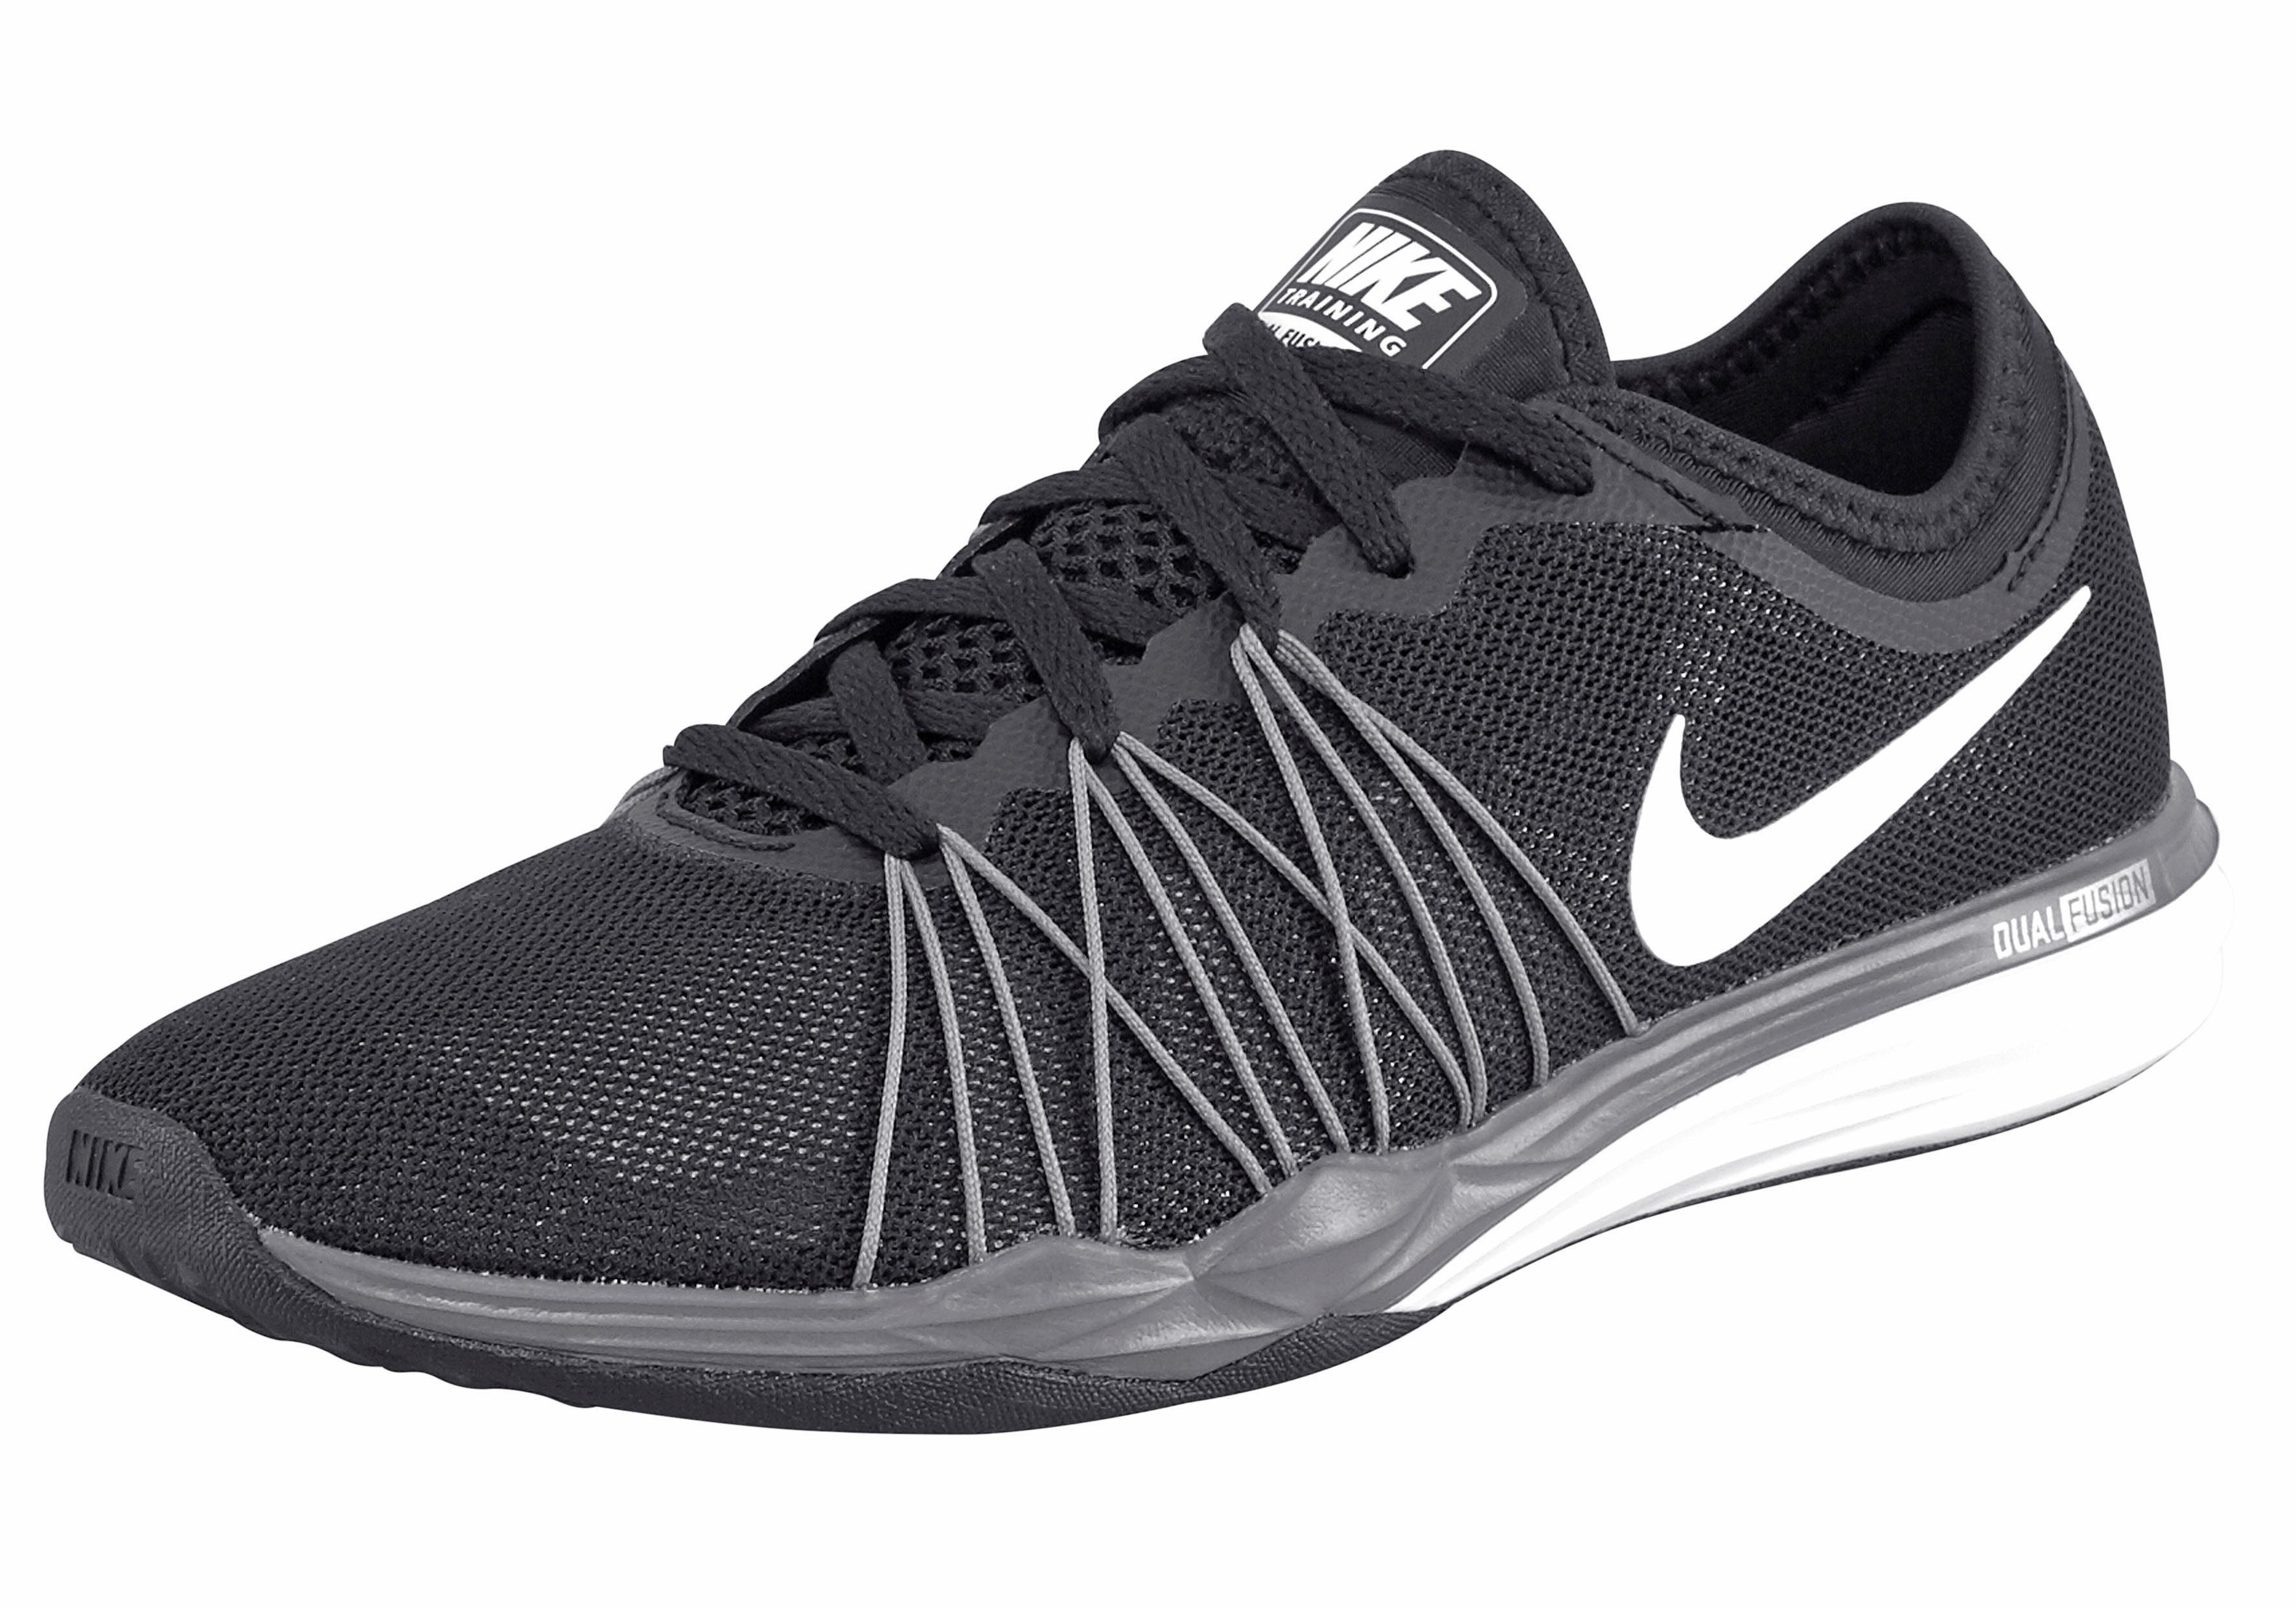 Nike Dual Fusion TR Hit Wmns Fitnessschuh kaufen  schwarz-weiß